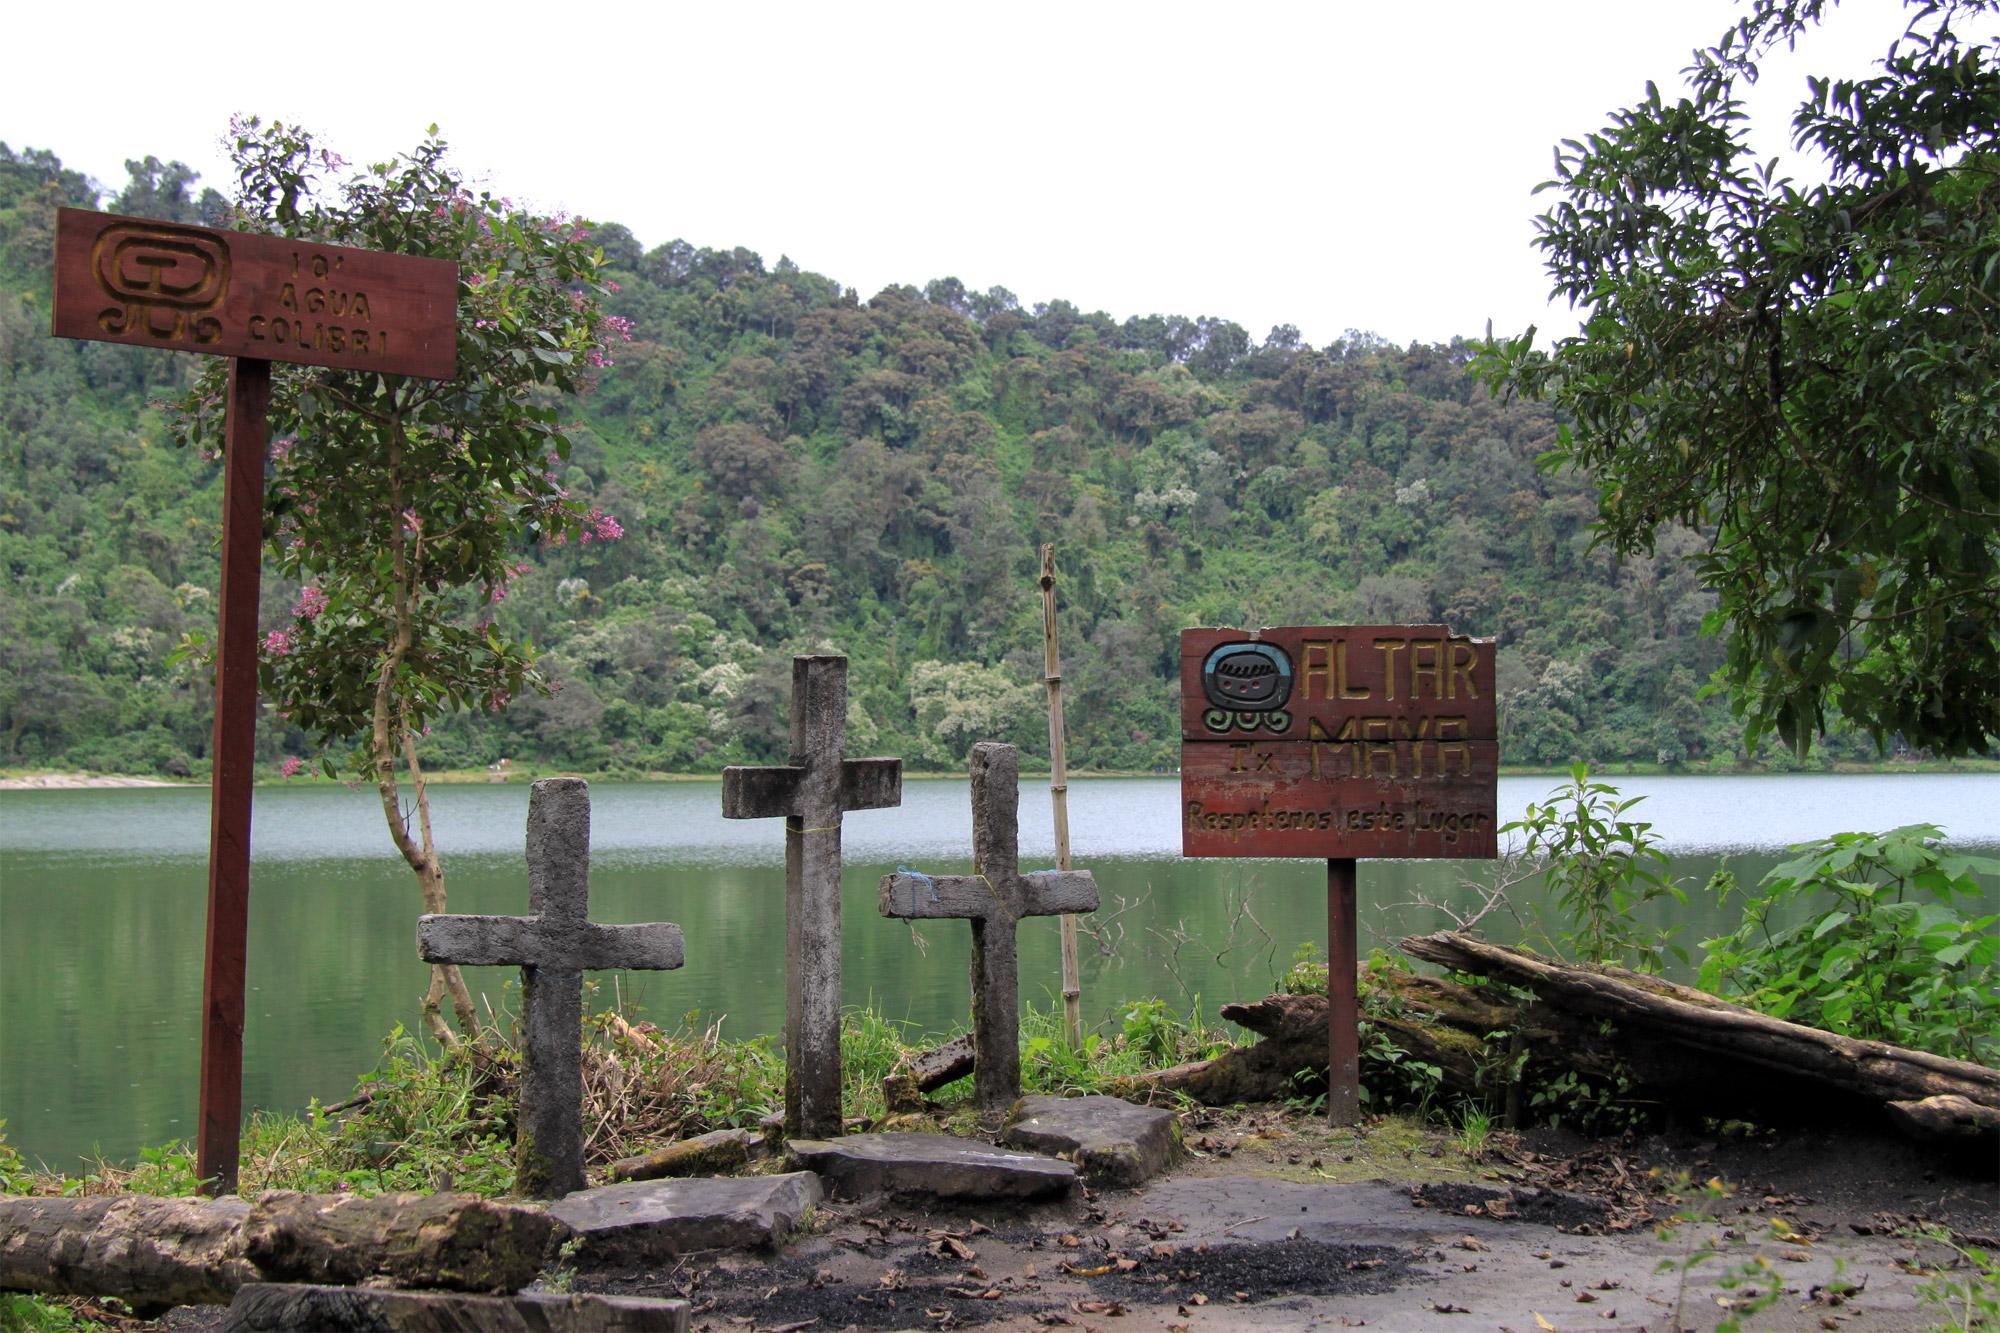 Guatemala 2015 - dag 12 - Kruizen en altaren rondom het kratermeer van Volcán Chicabal